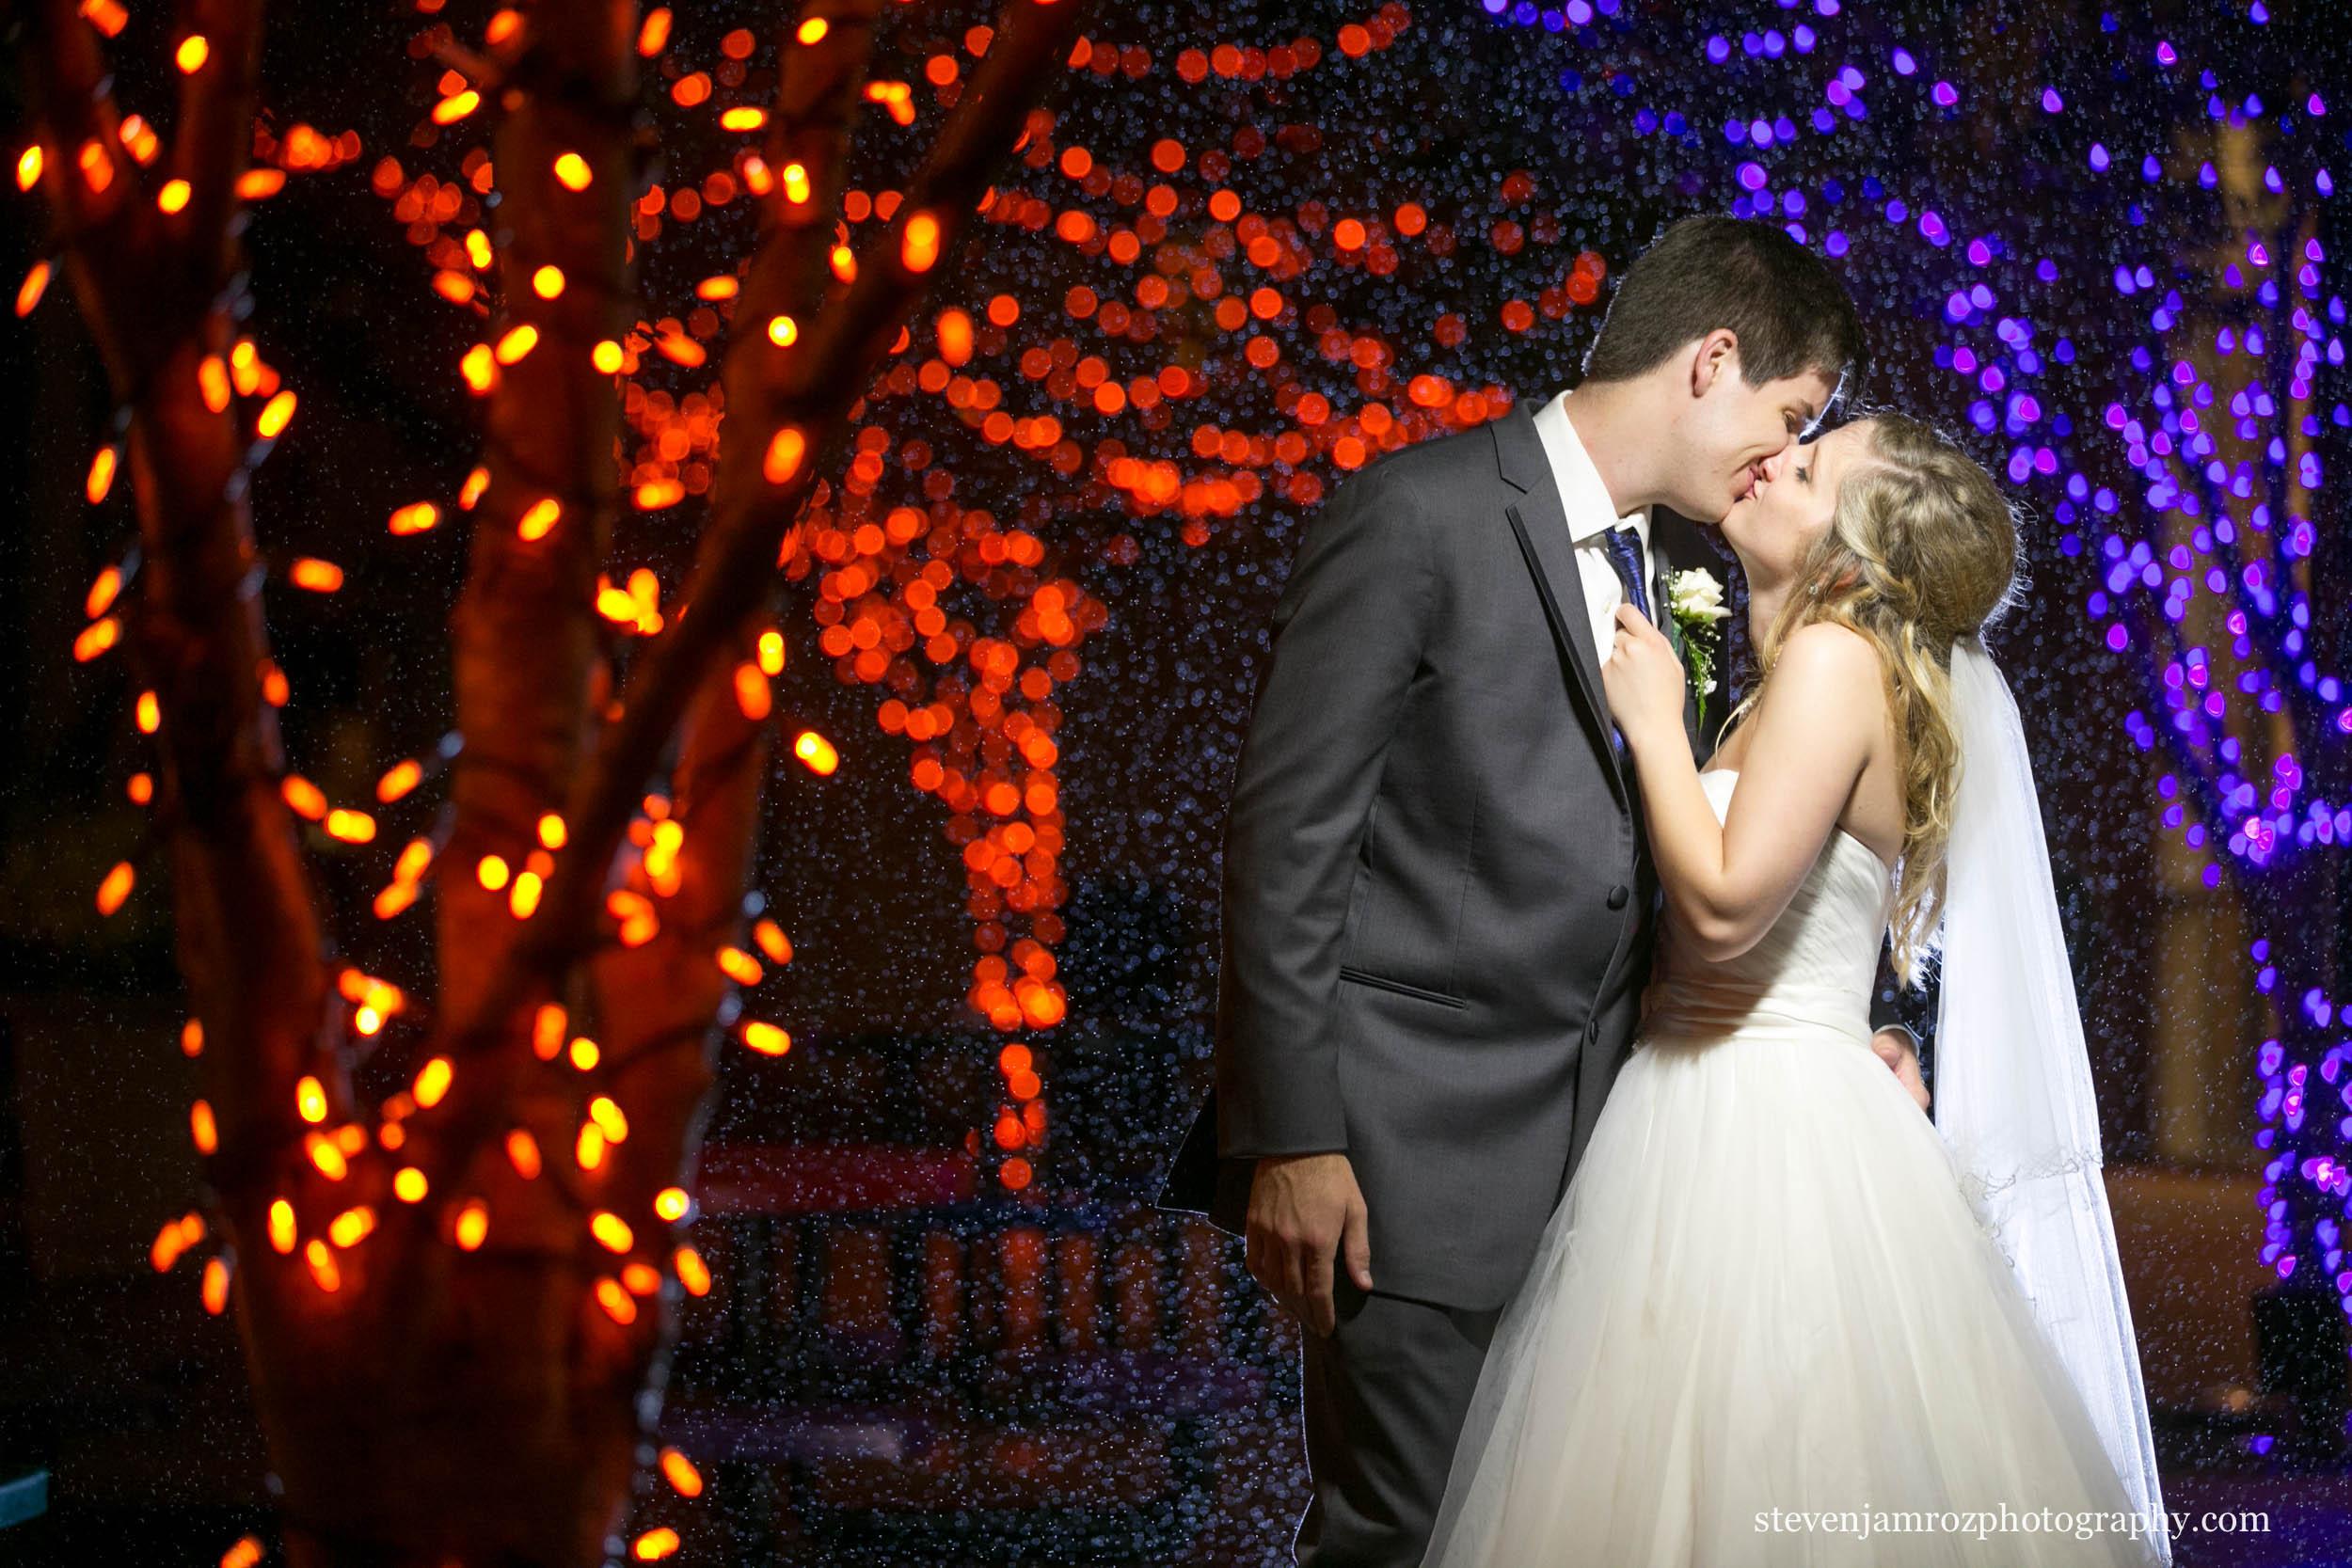 raleigh-nc-wedding-venues-marbles-museum-downtown-0913.jpg